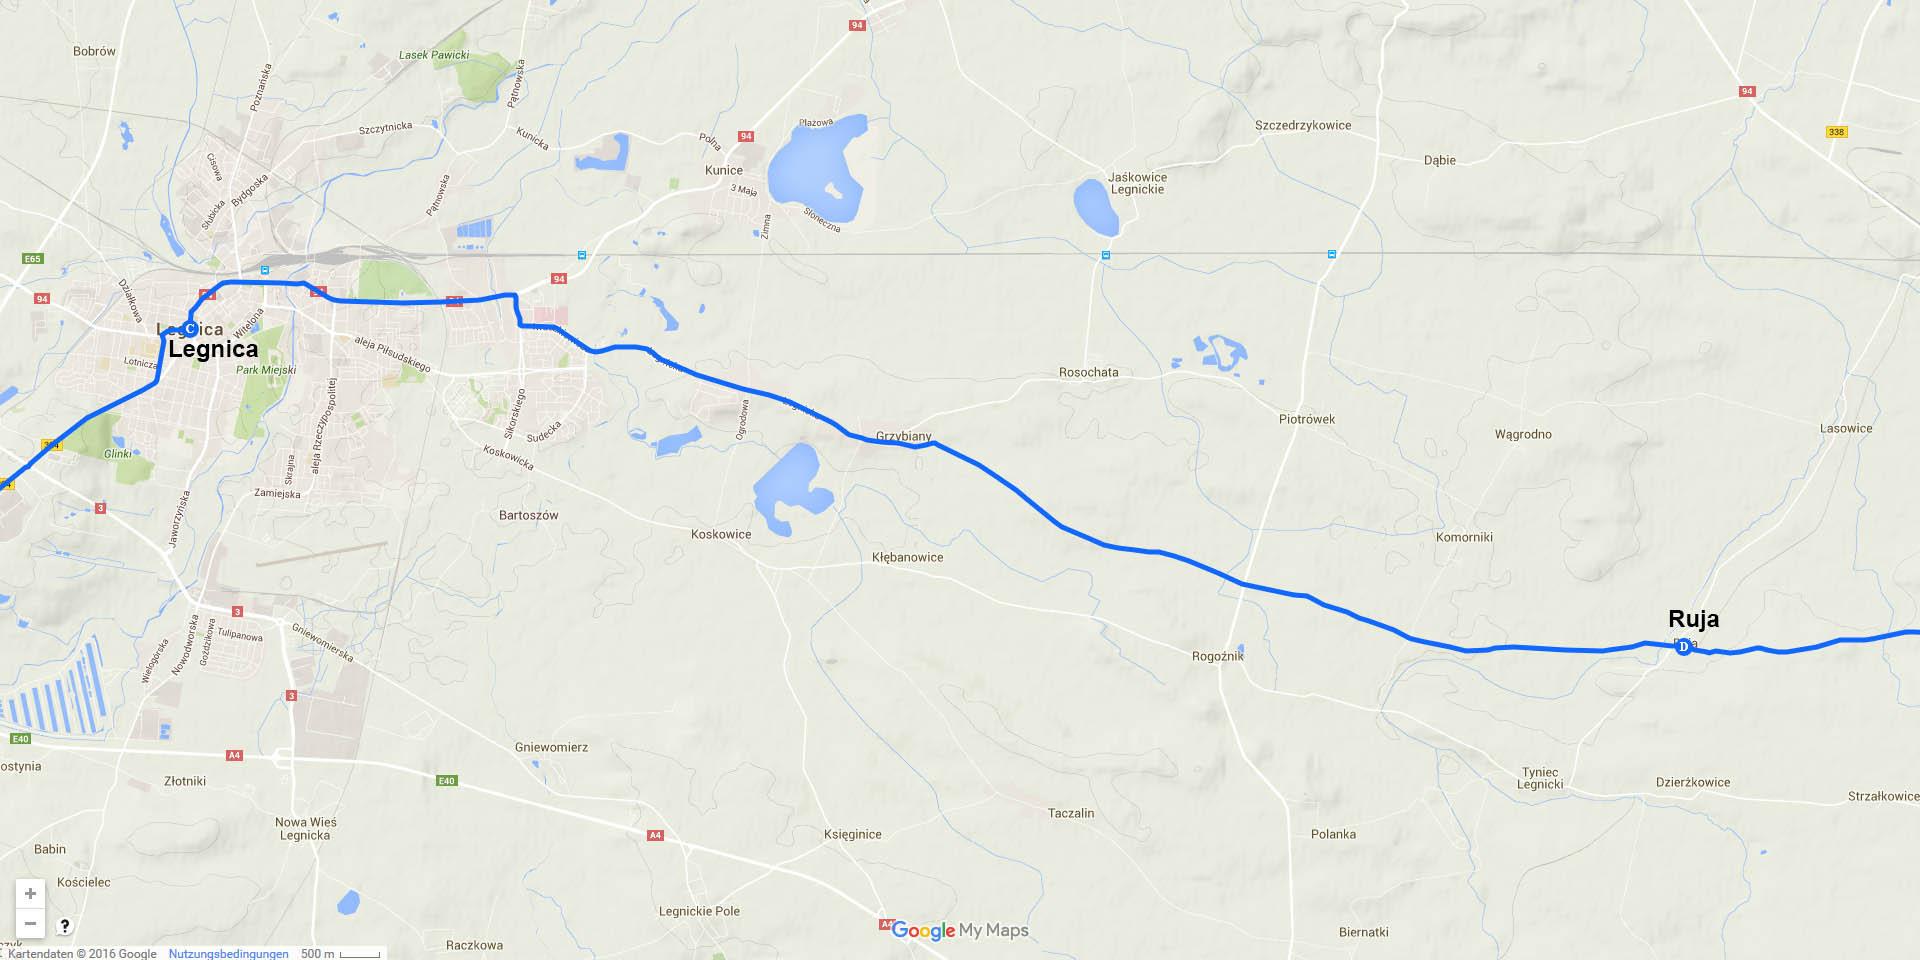 Die Tagesstrecke von Legnica nach Ruja (21 km)